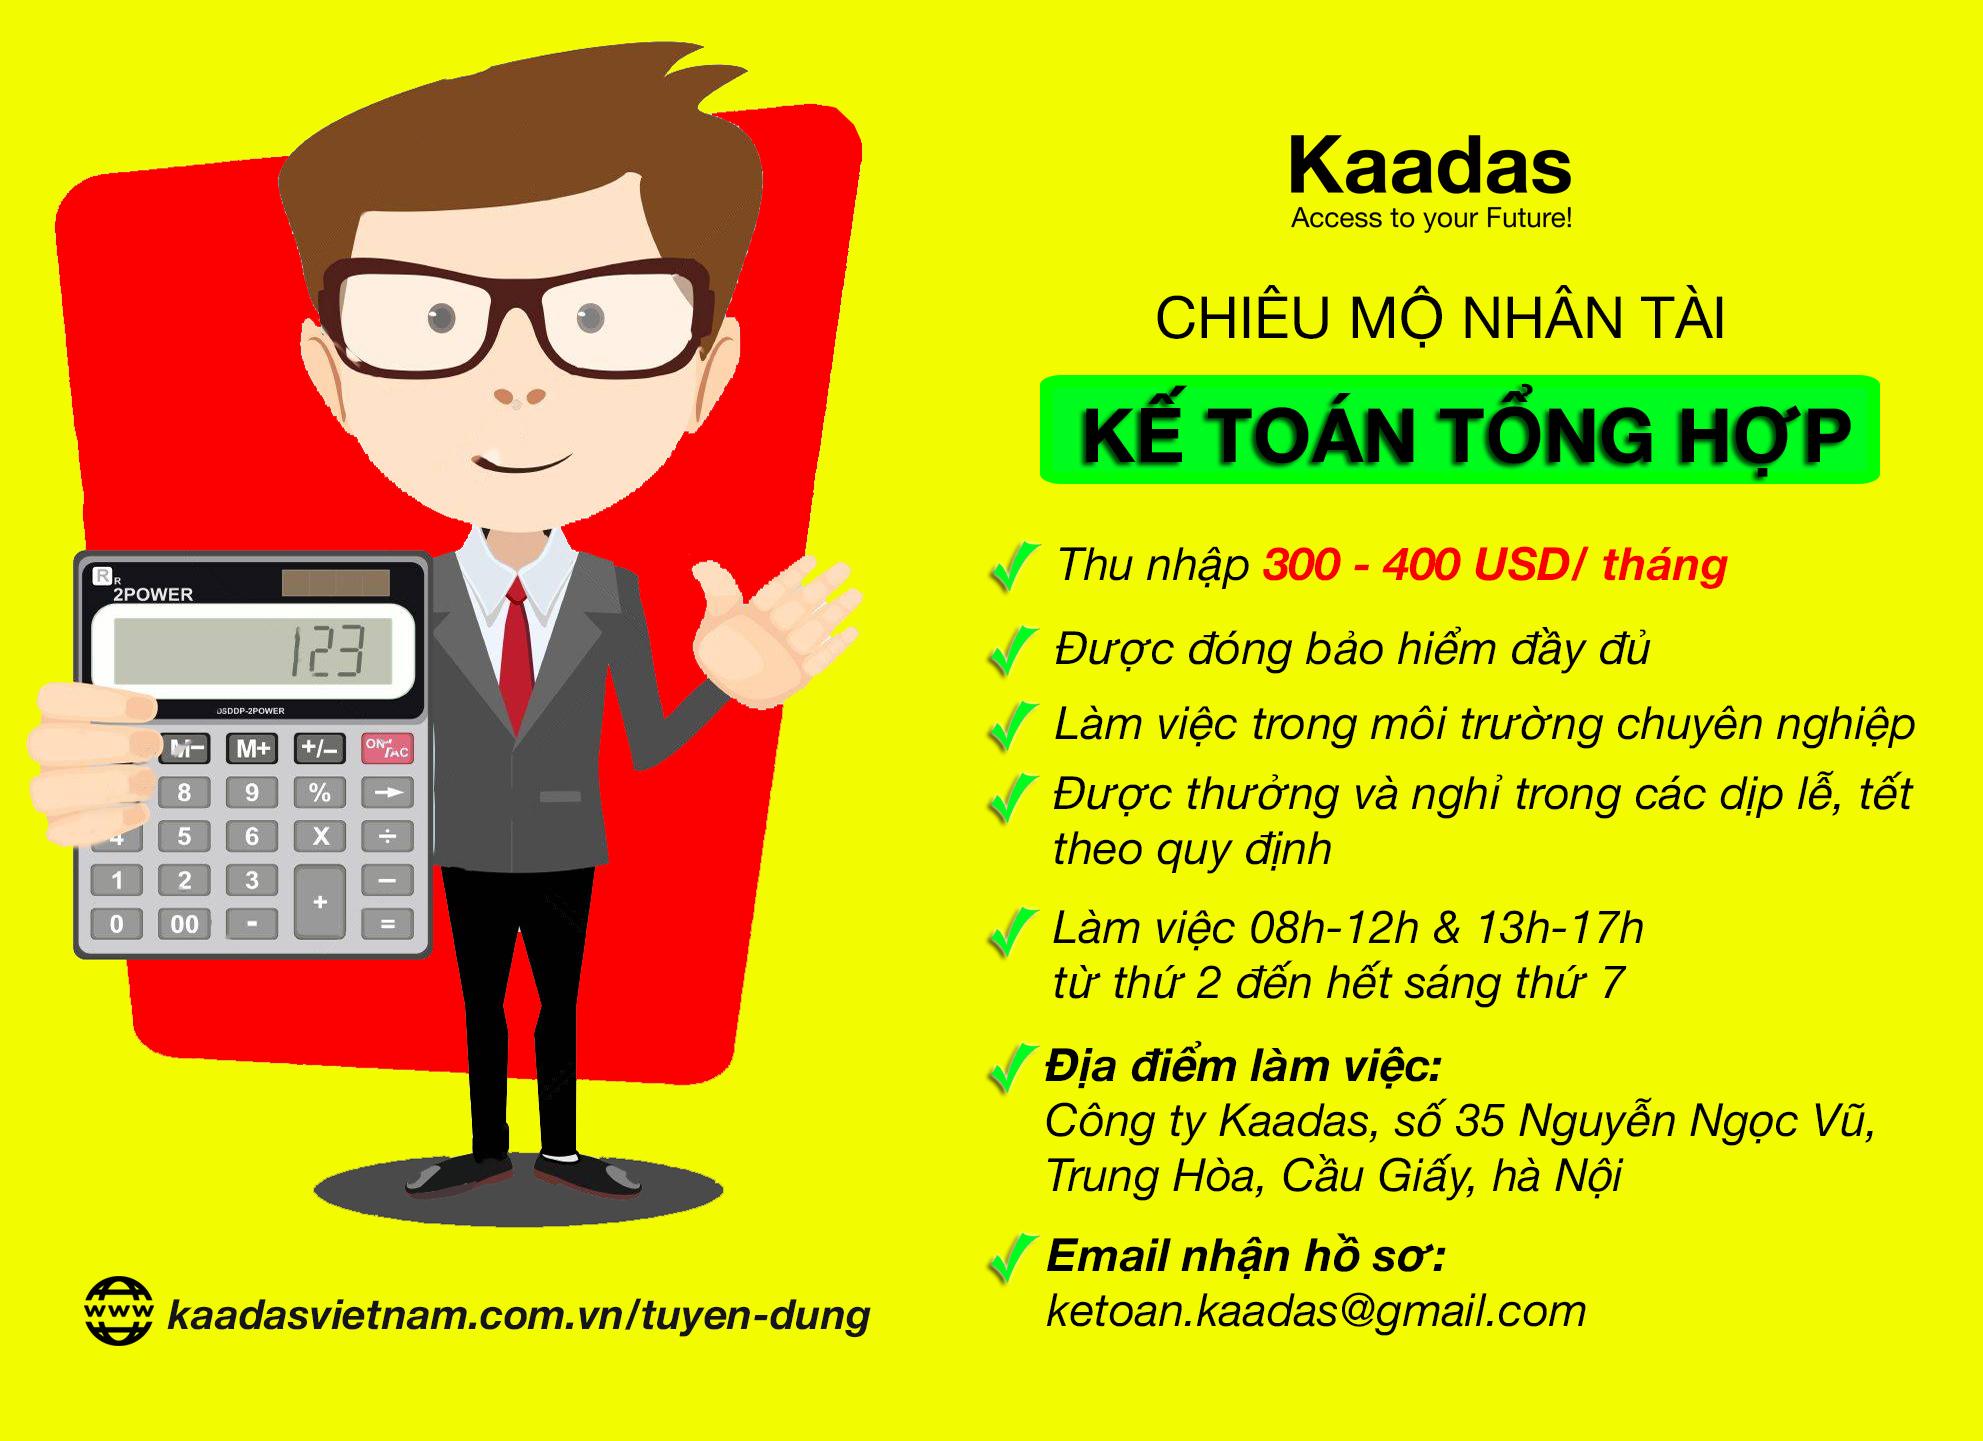 Vinmat Kaadas tuyển dụng kế toán tổng hợp